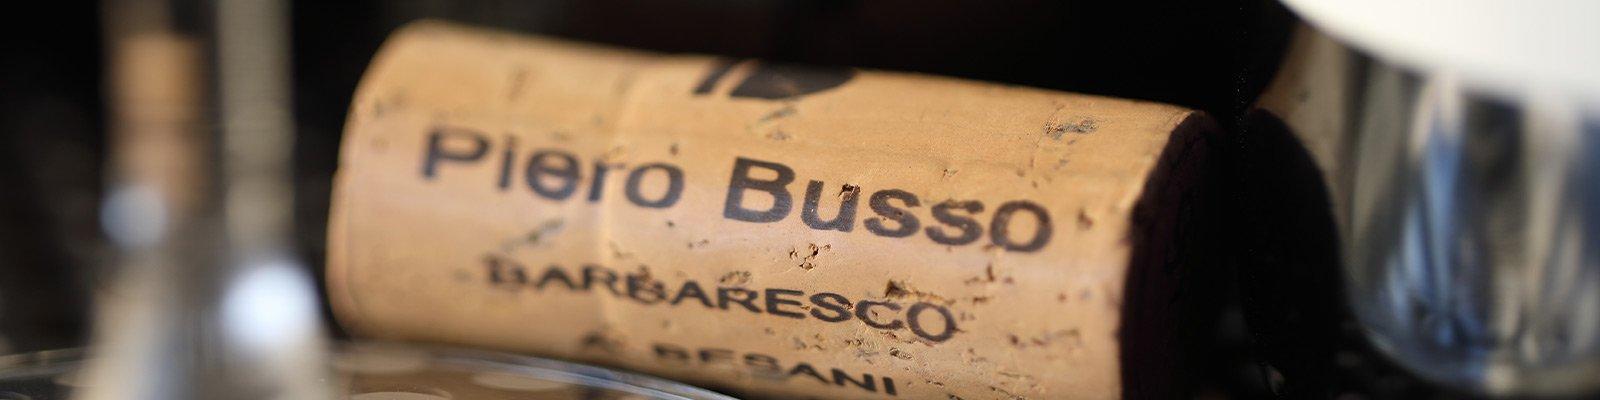 Cantina Piero Busso a Neive | Dove siamo e contatti